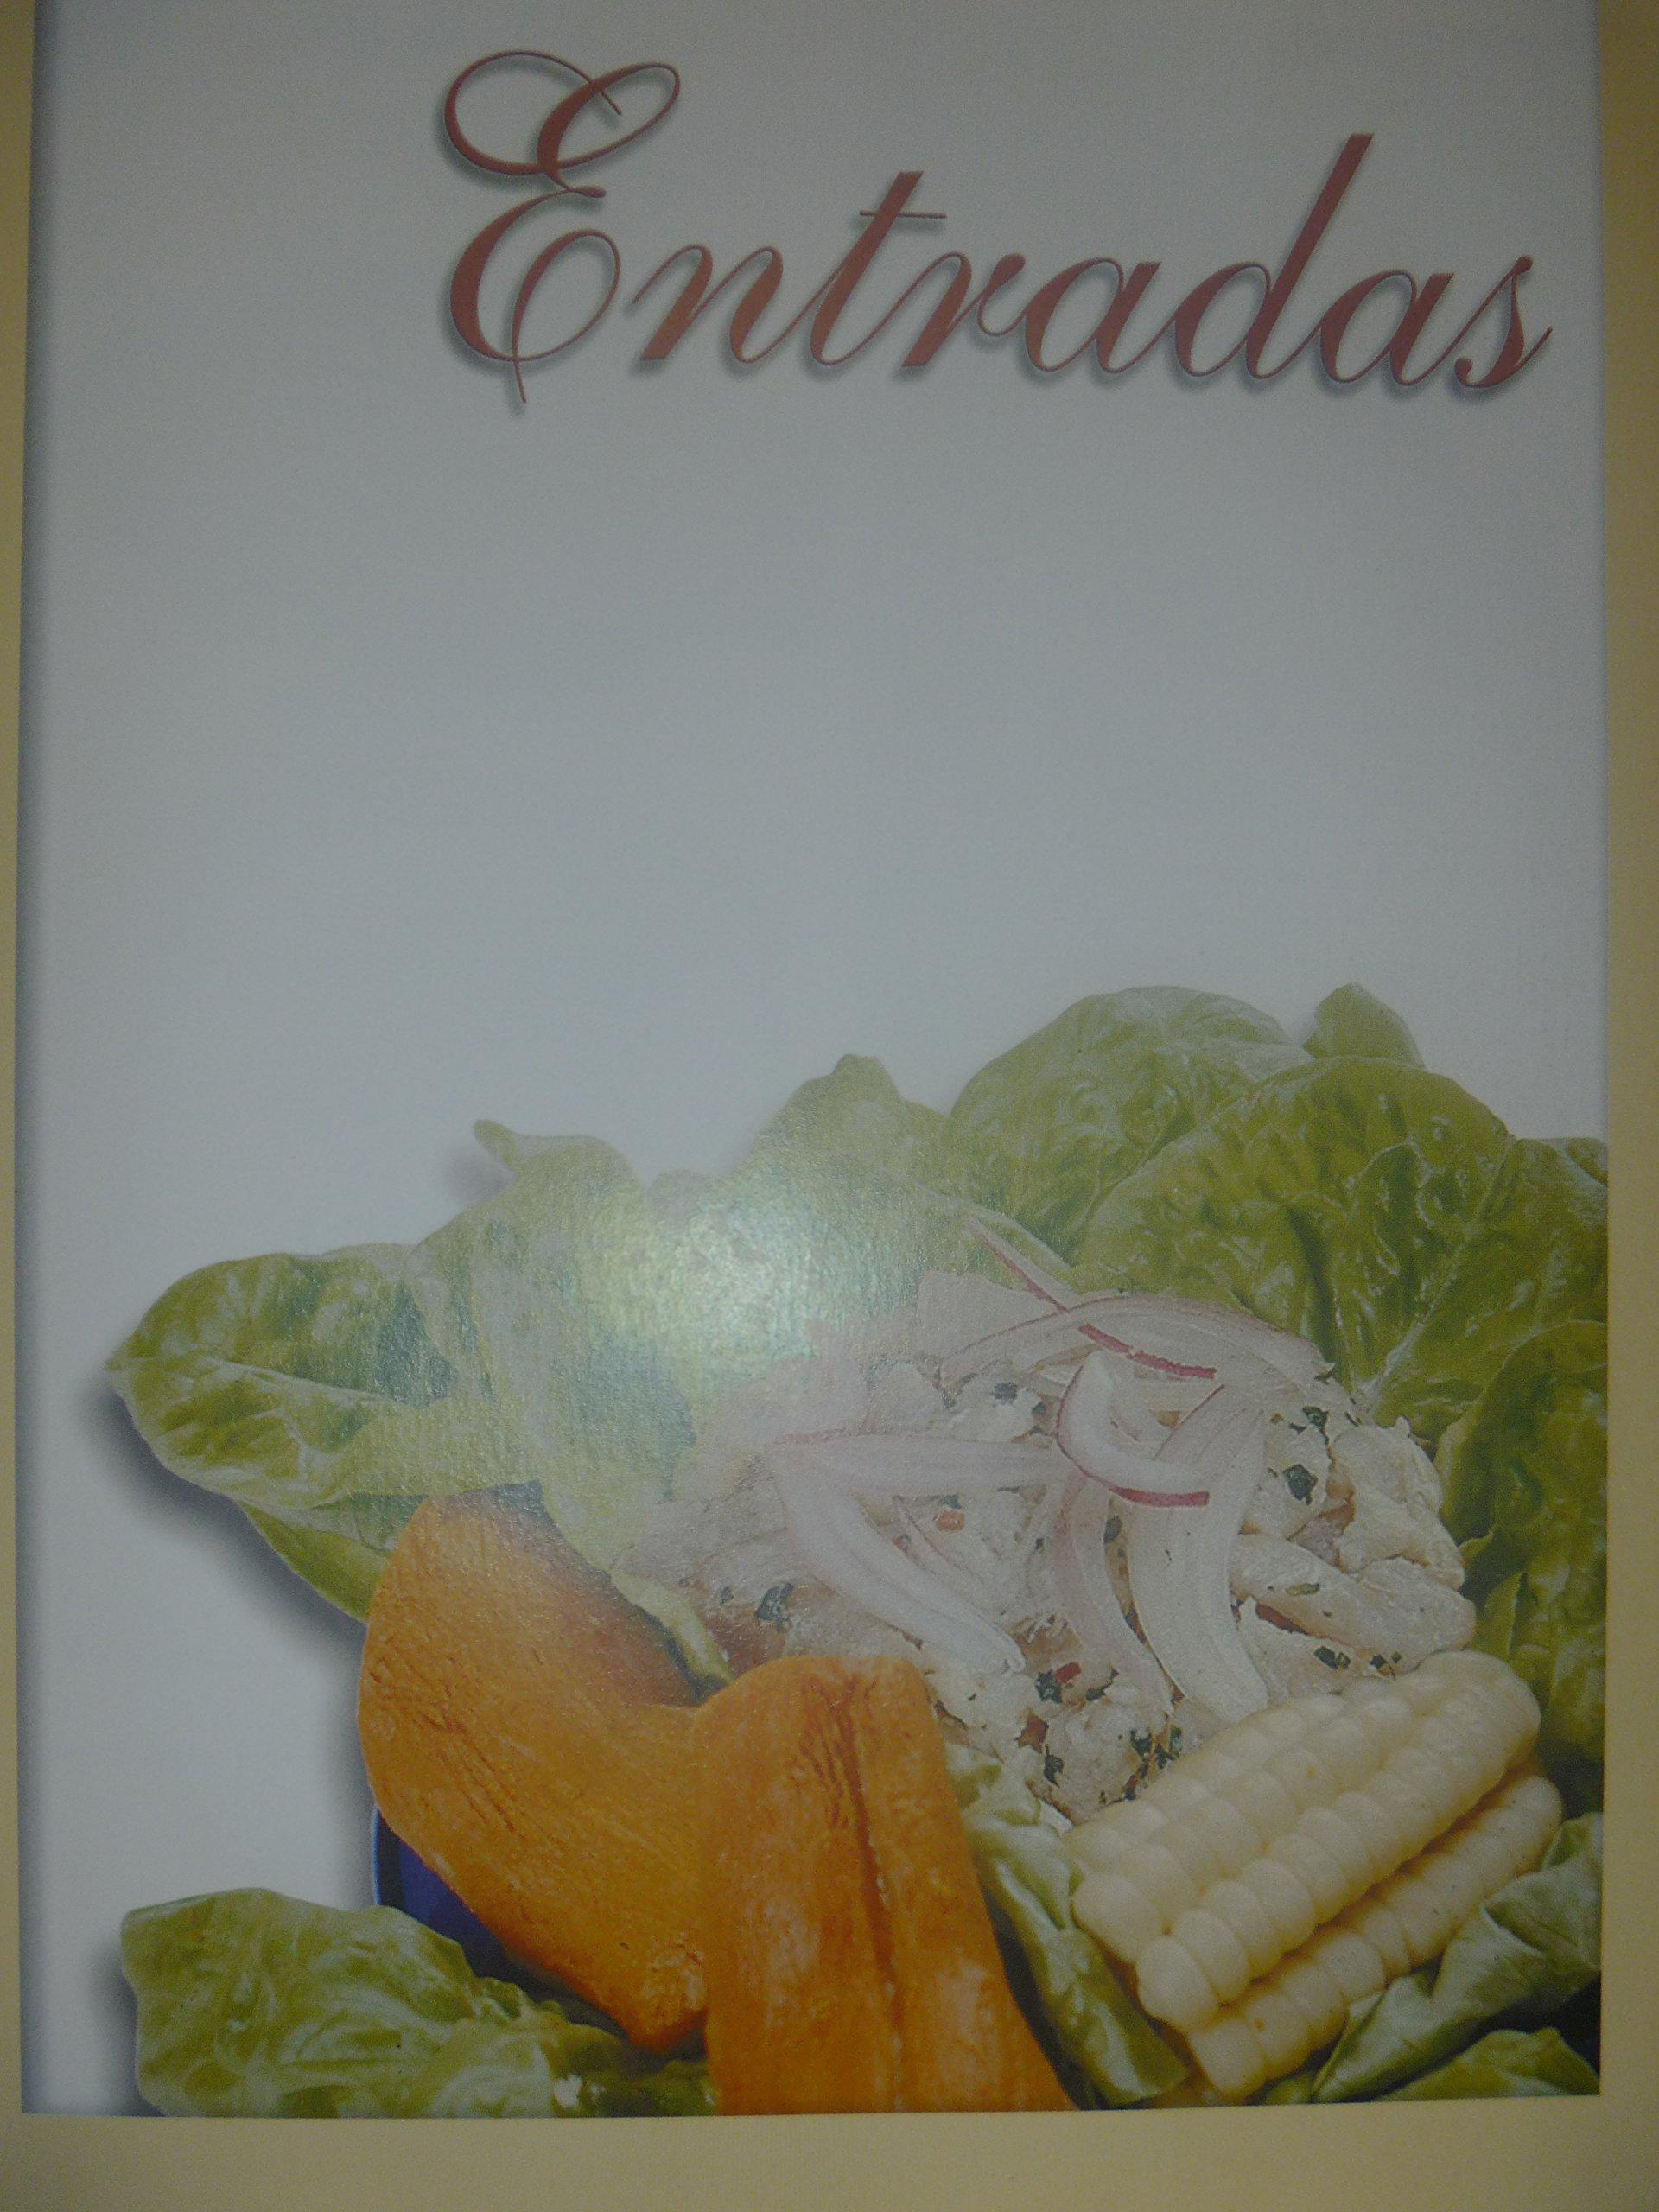 La Cocina Peruana. Paso a Paso: Amazon.es: Unknown: Libros